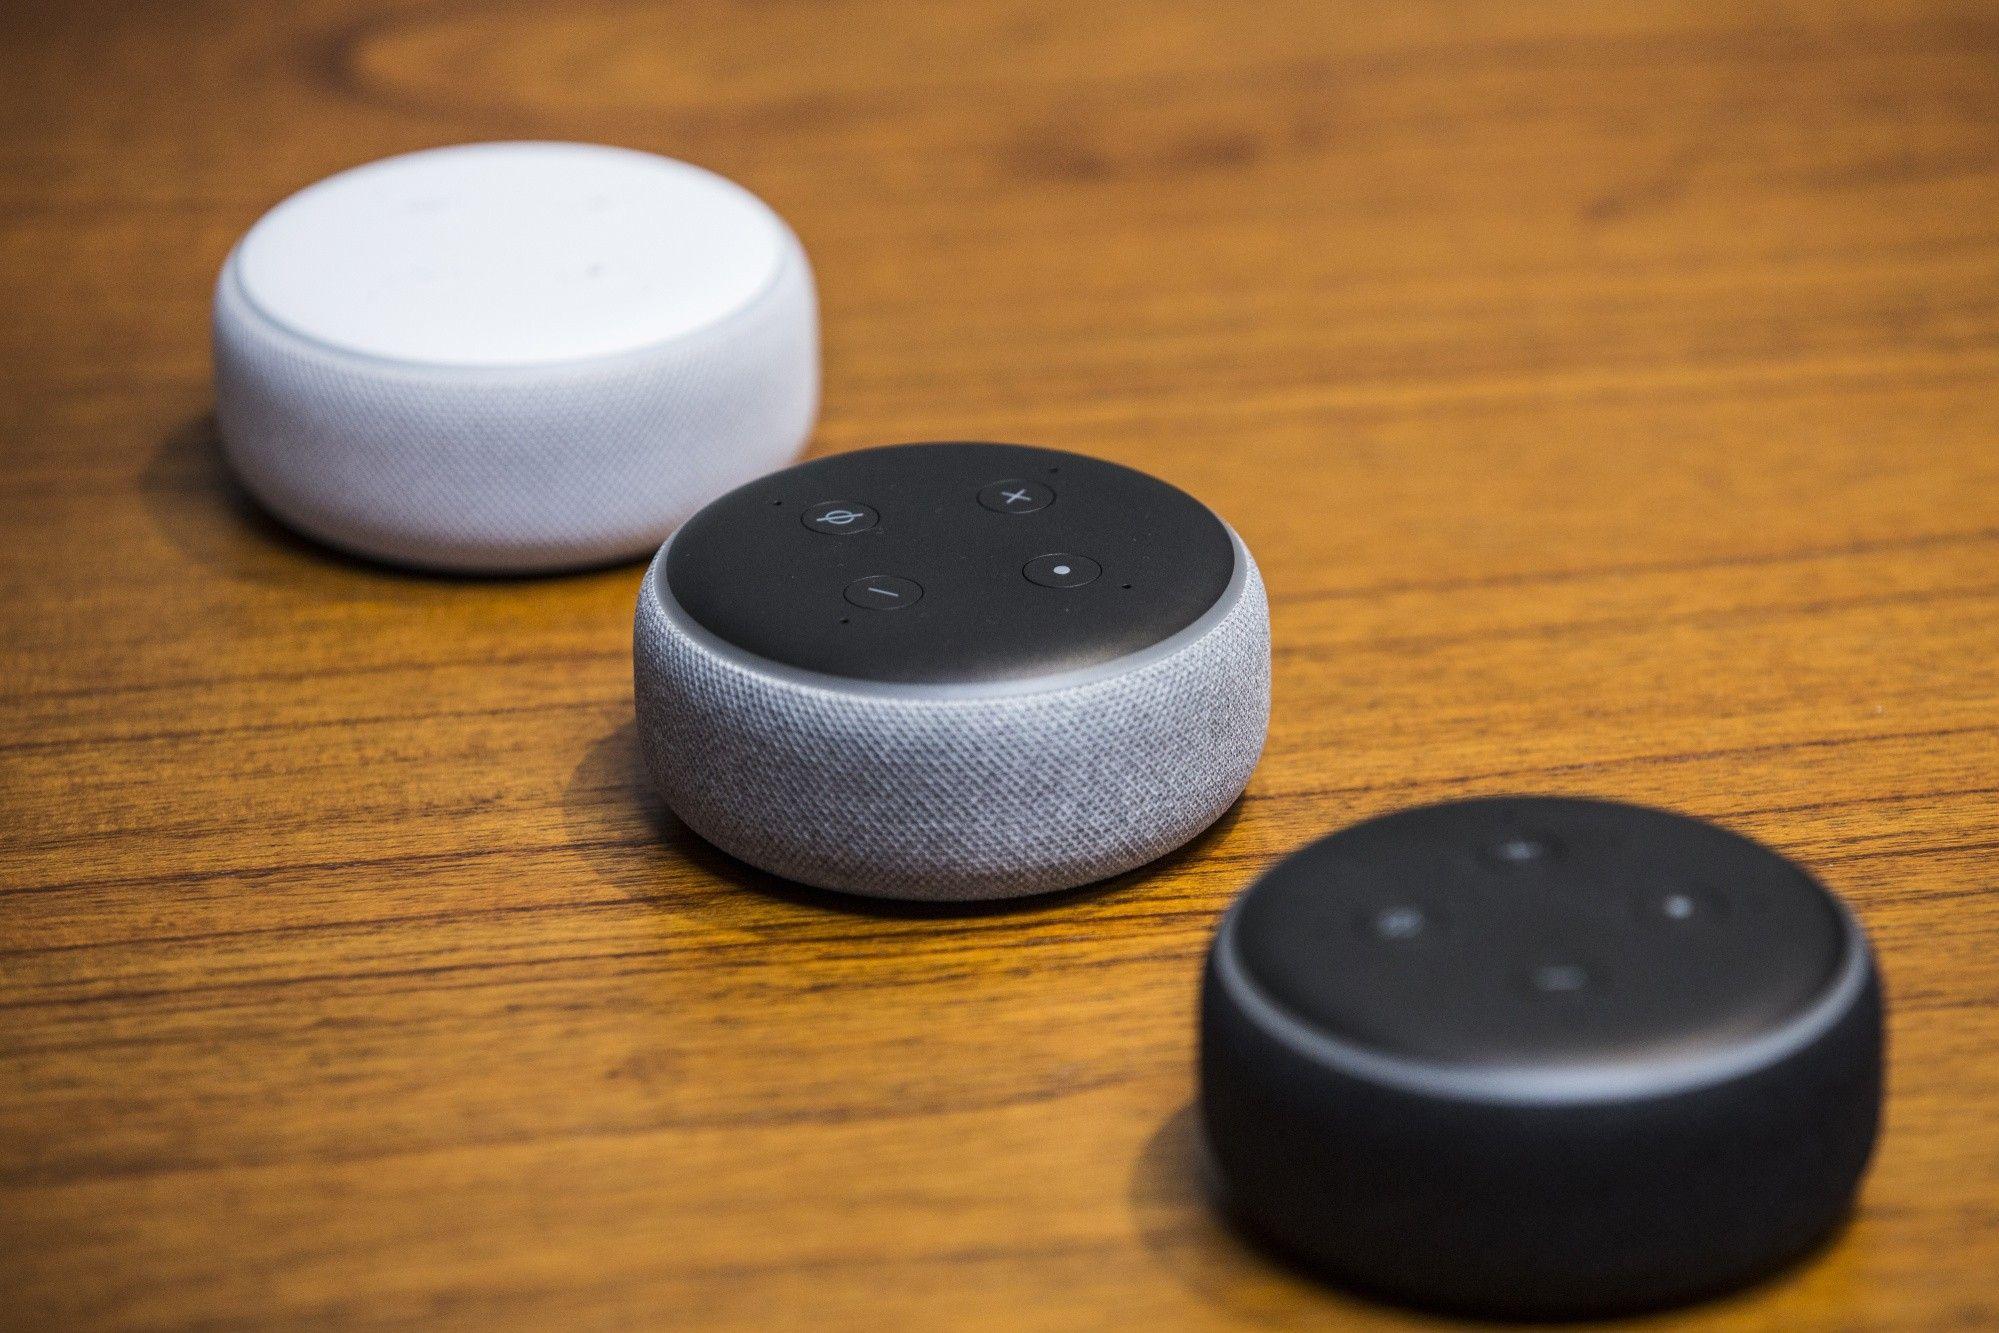 Las grandes tecnológicas arriesgan investigaciones por Alexa y Siri